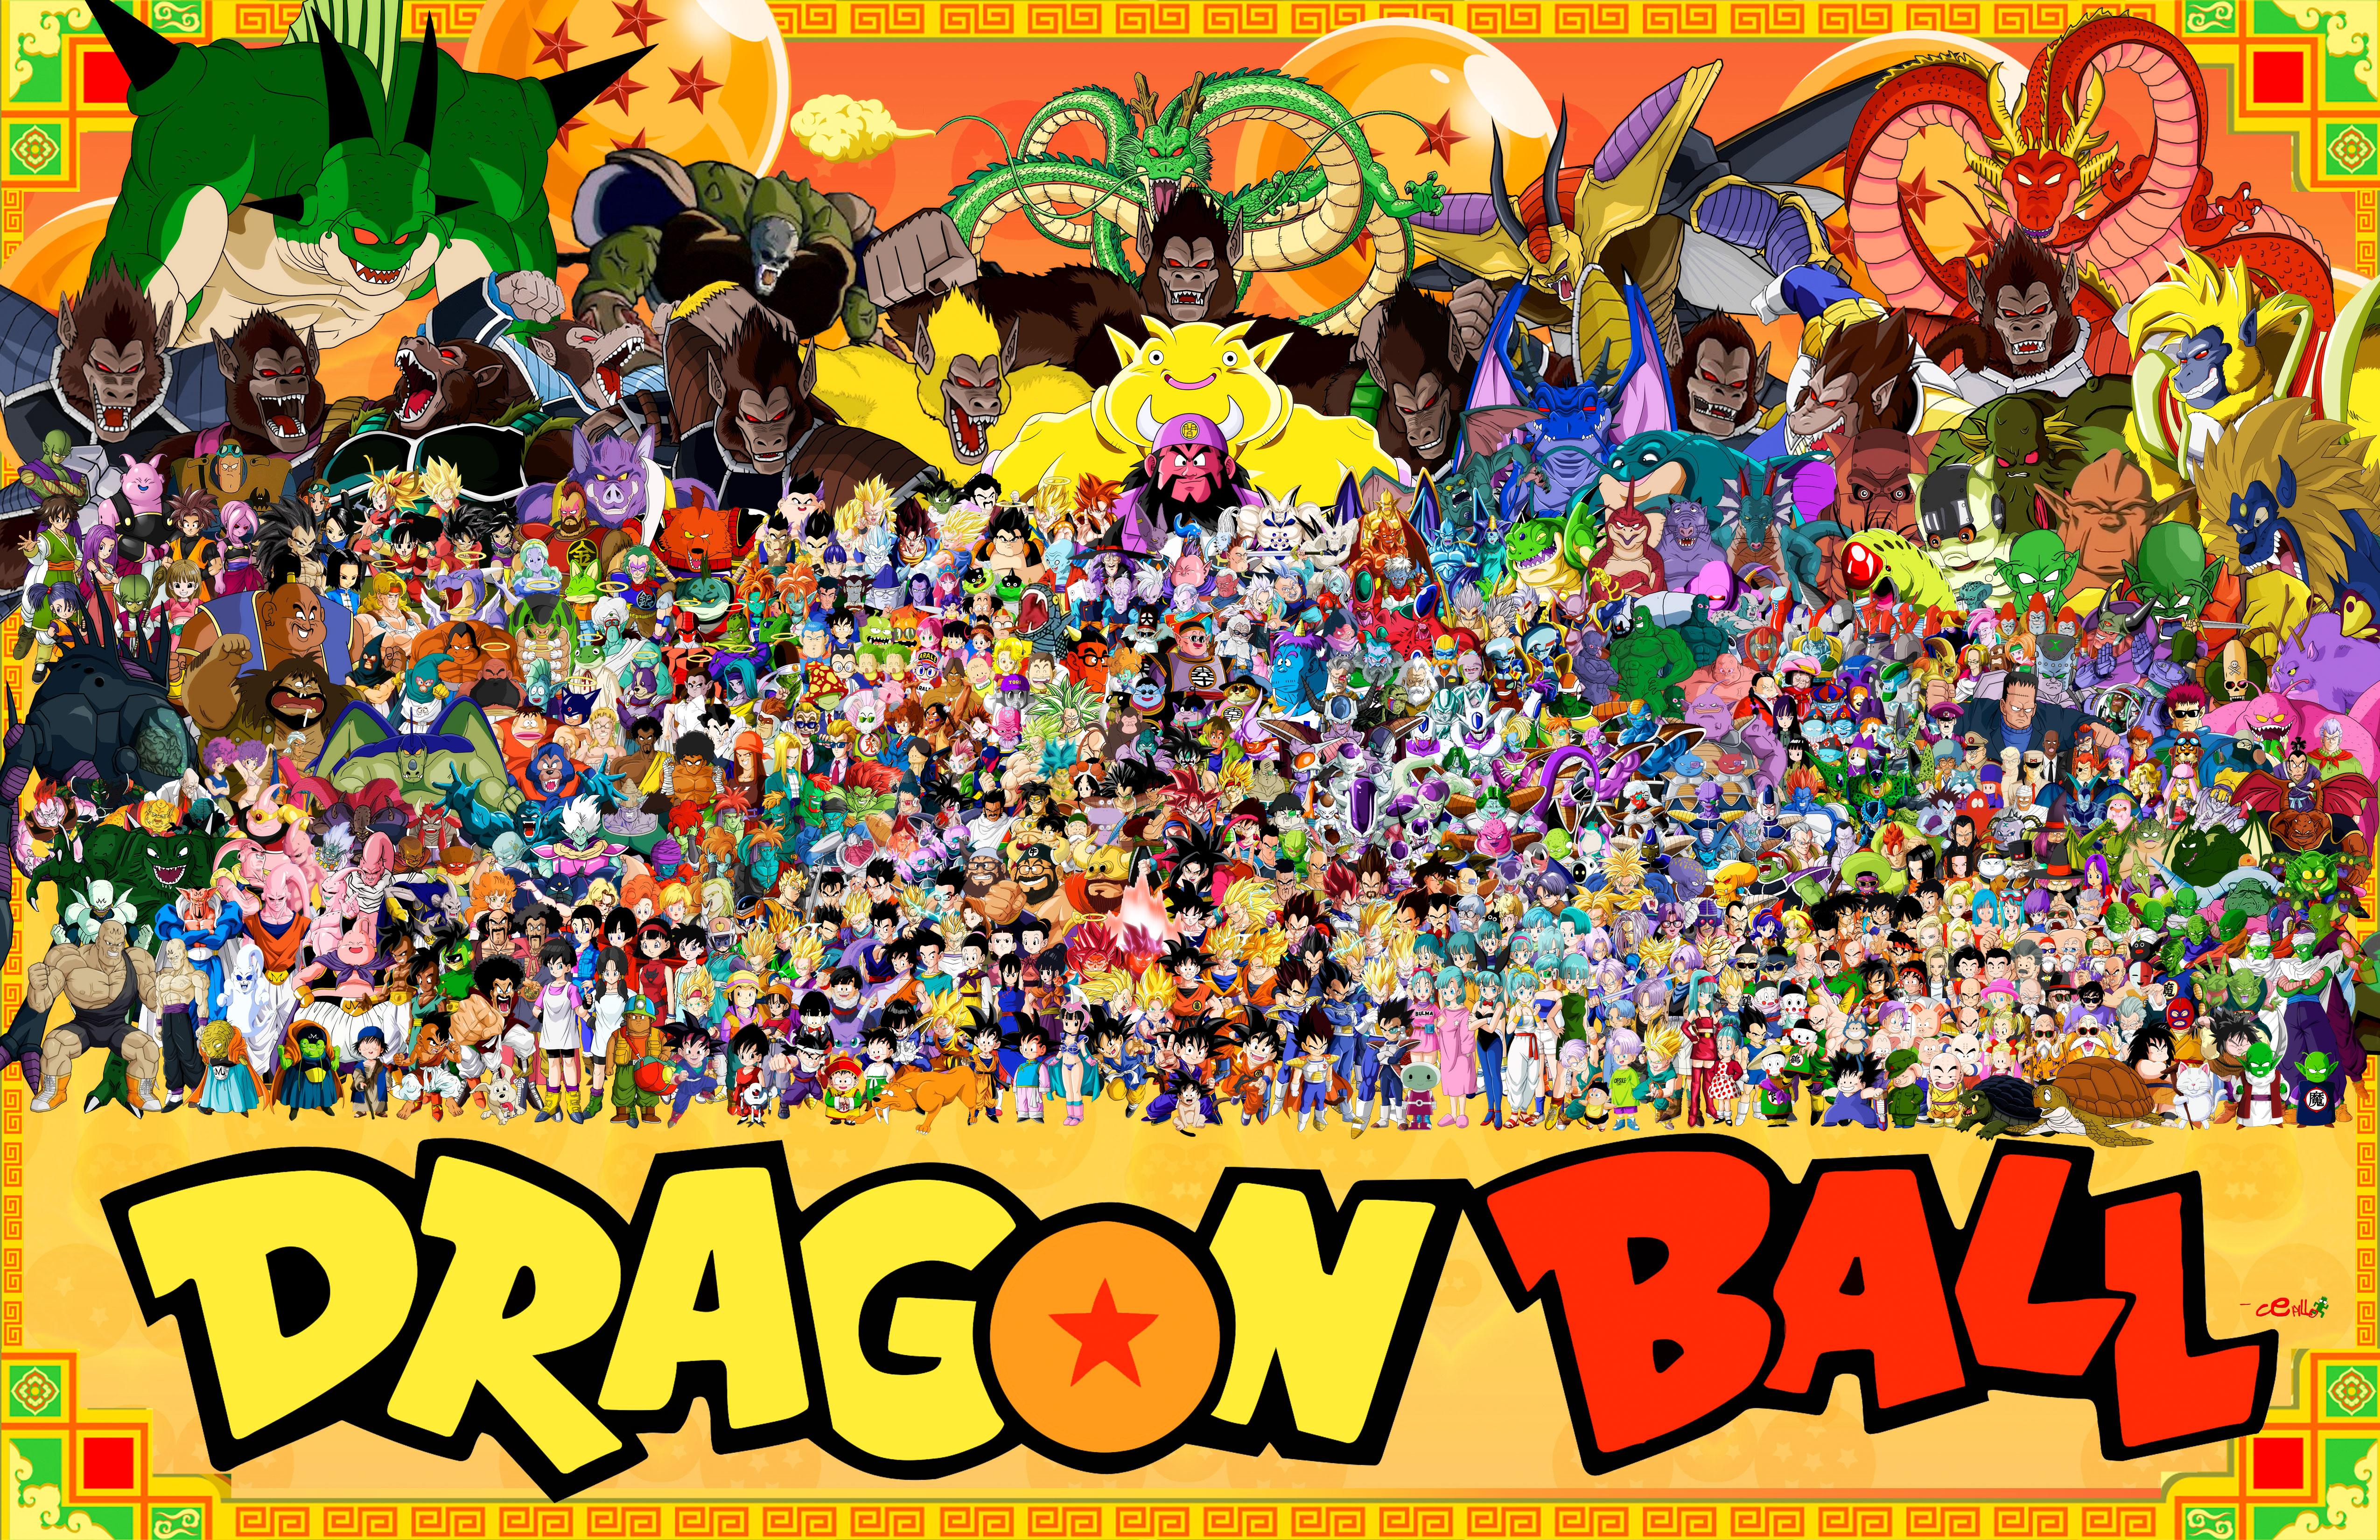 Tous les personnages de Dragon Ball runis pour une photo de famille 5100x3300